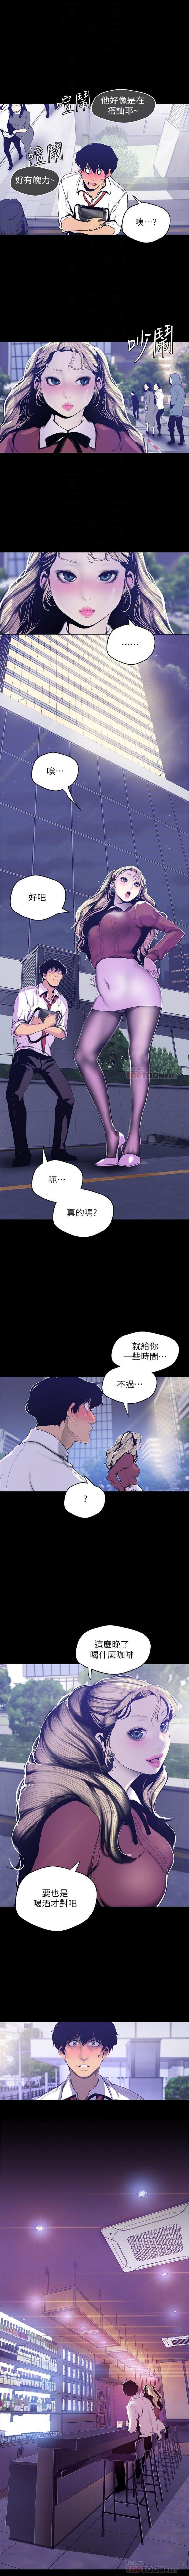 (週1)美麗新世界 1-70 中文翻譯 (更新中) 539